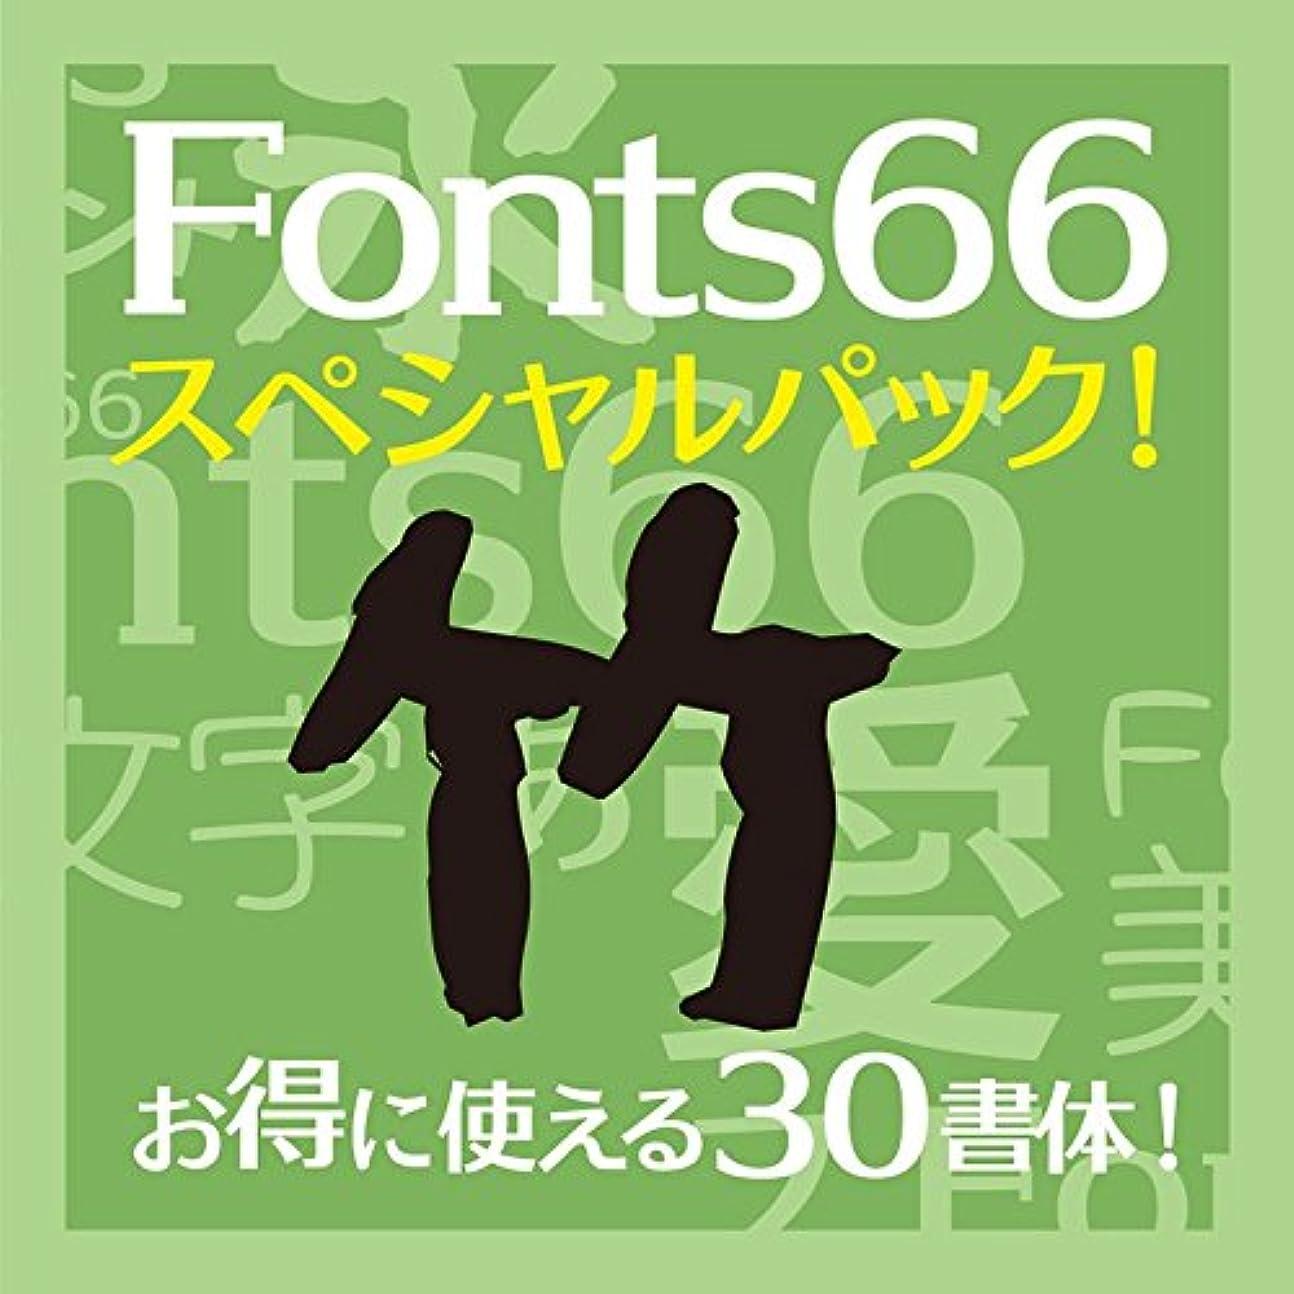 Fonts66スペシャルパック 竹 [ダウンロード]